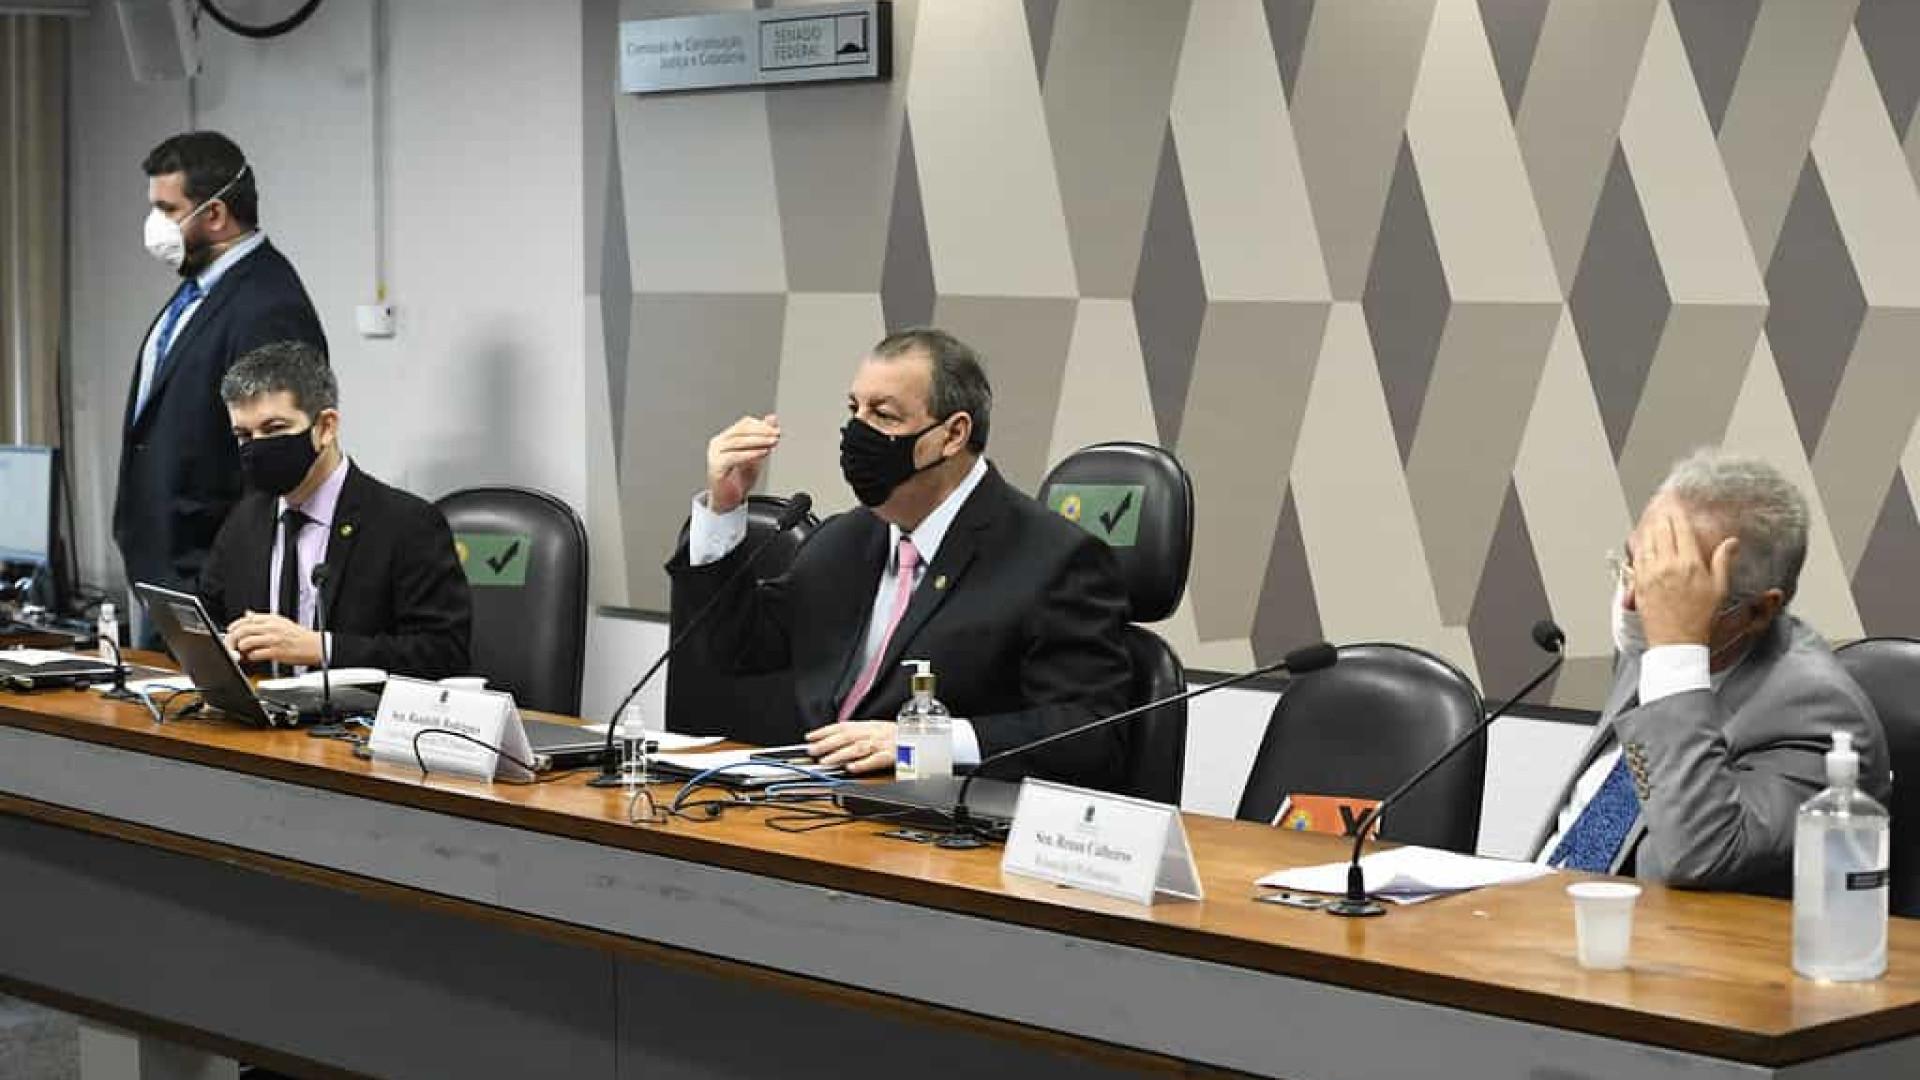 Aziz sobre prescrição de remédios: Quem é Bolsonaro para indicar medicação?